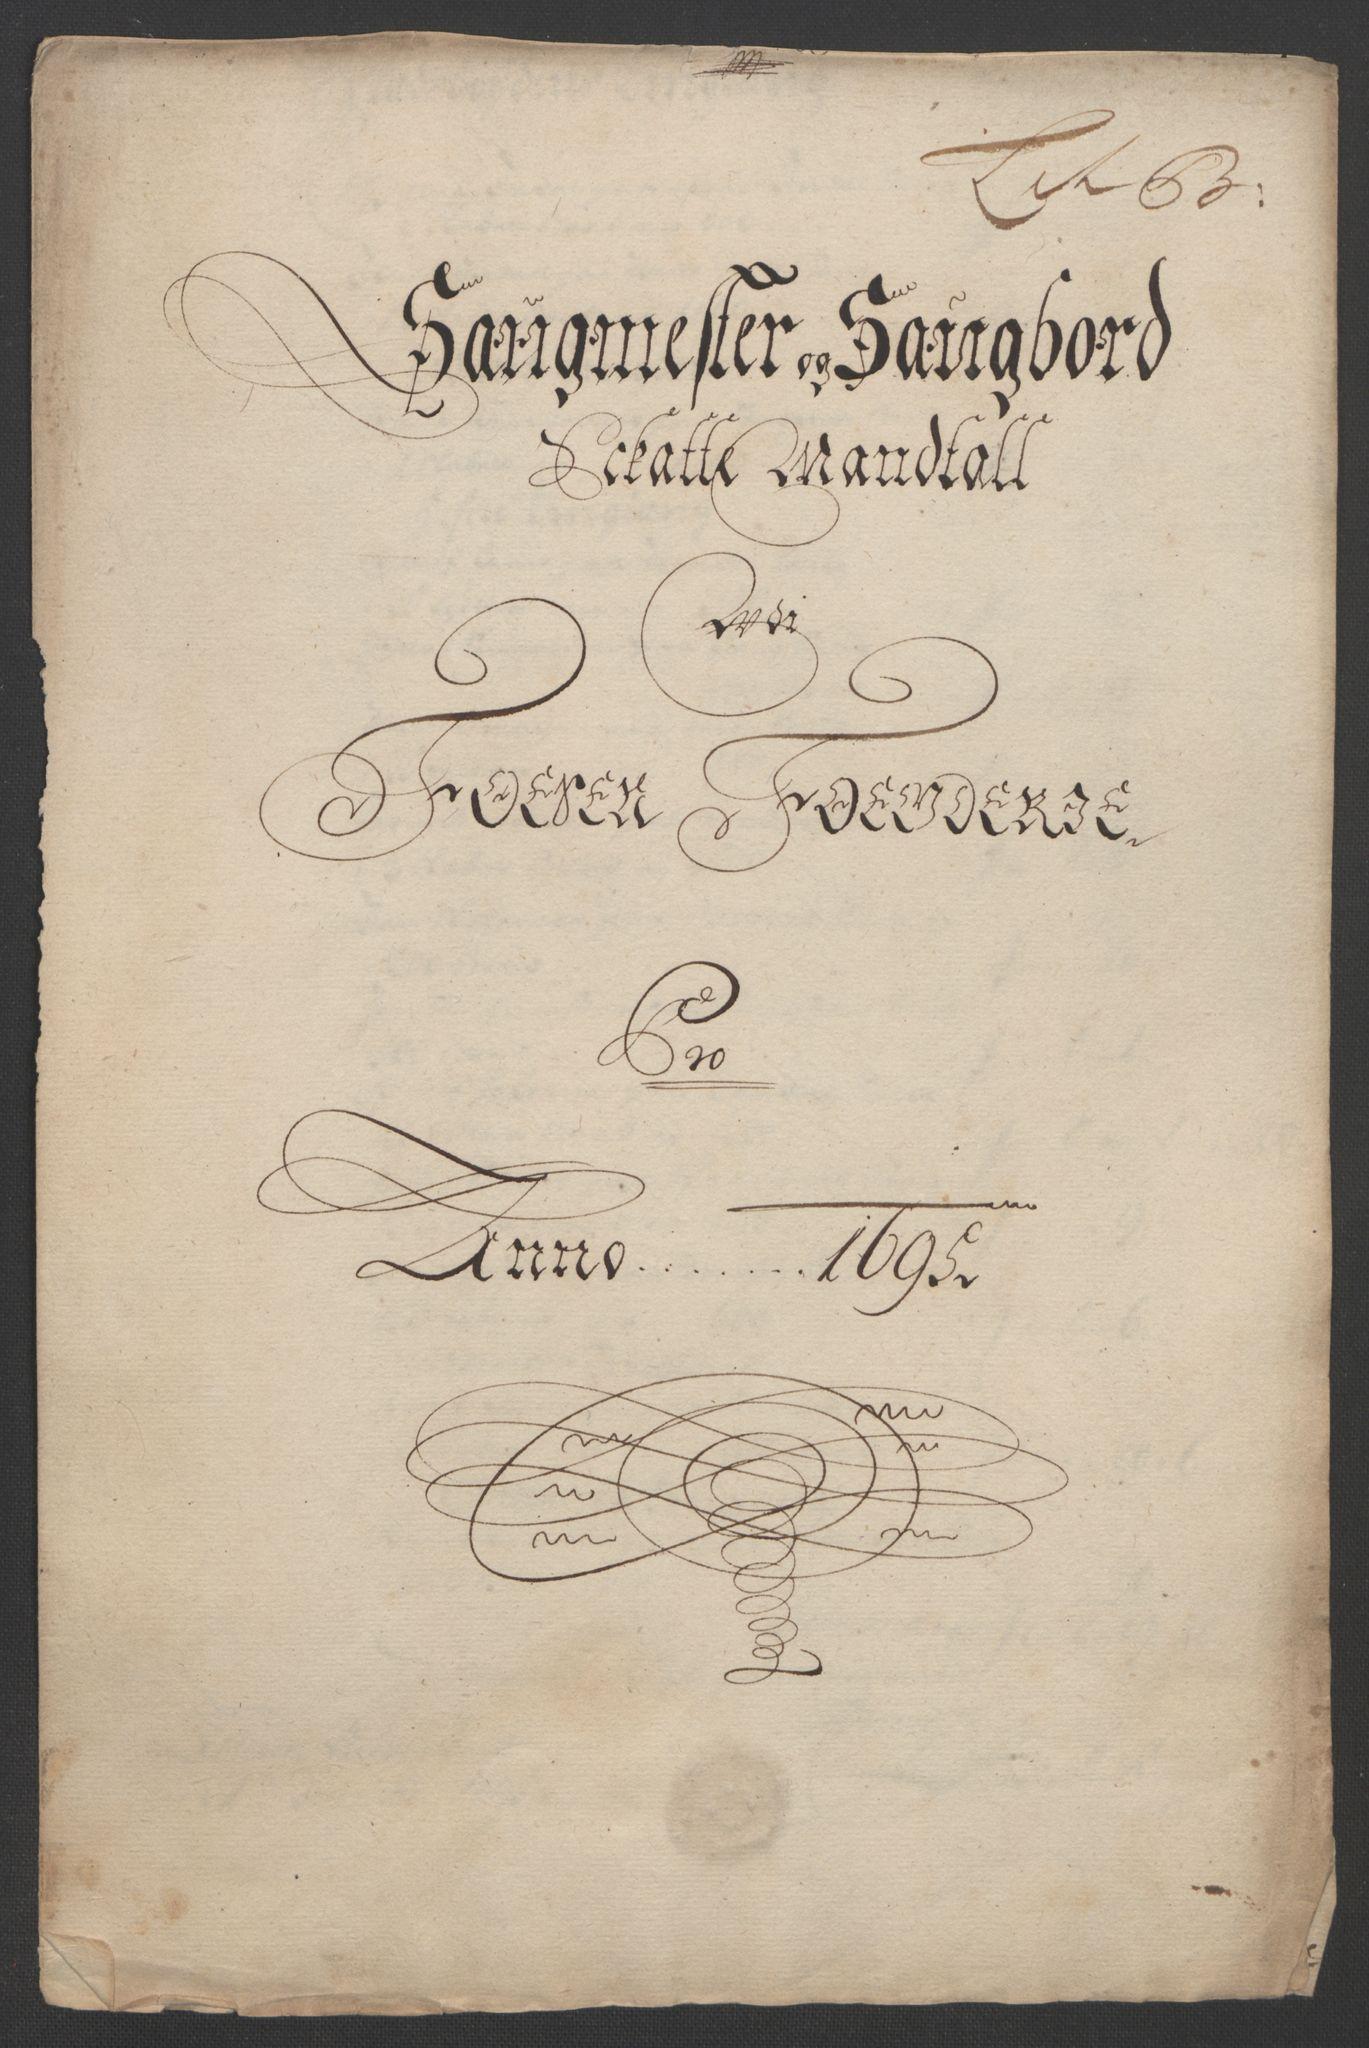 RA, Rentekammeret inntil 1814, Reviderte regnskaper, Fogderegnskap, R57/L3851: Fogderegnskap Fosen, 1695-1696, s. 75